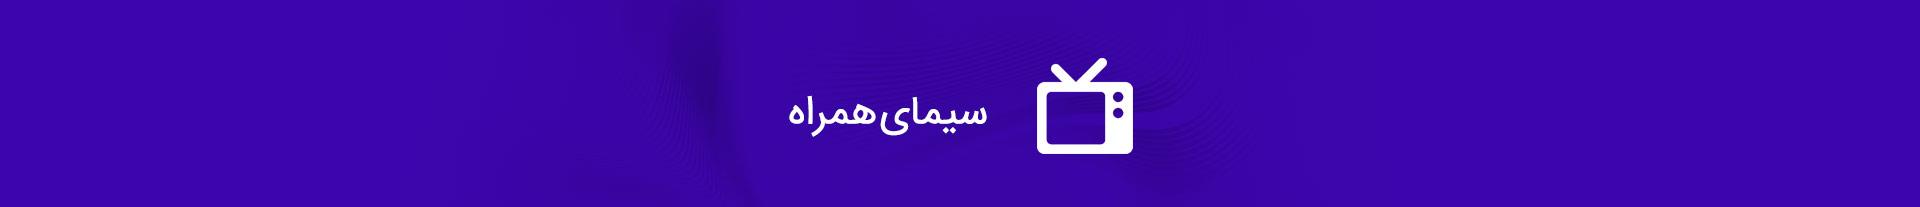 پخش تلویزیون و خرید فیلم سیمای همراه